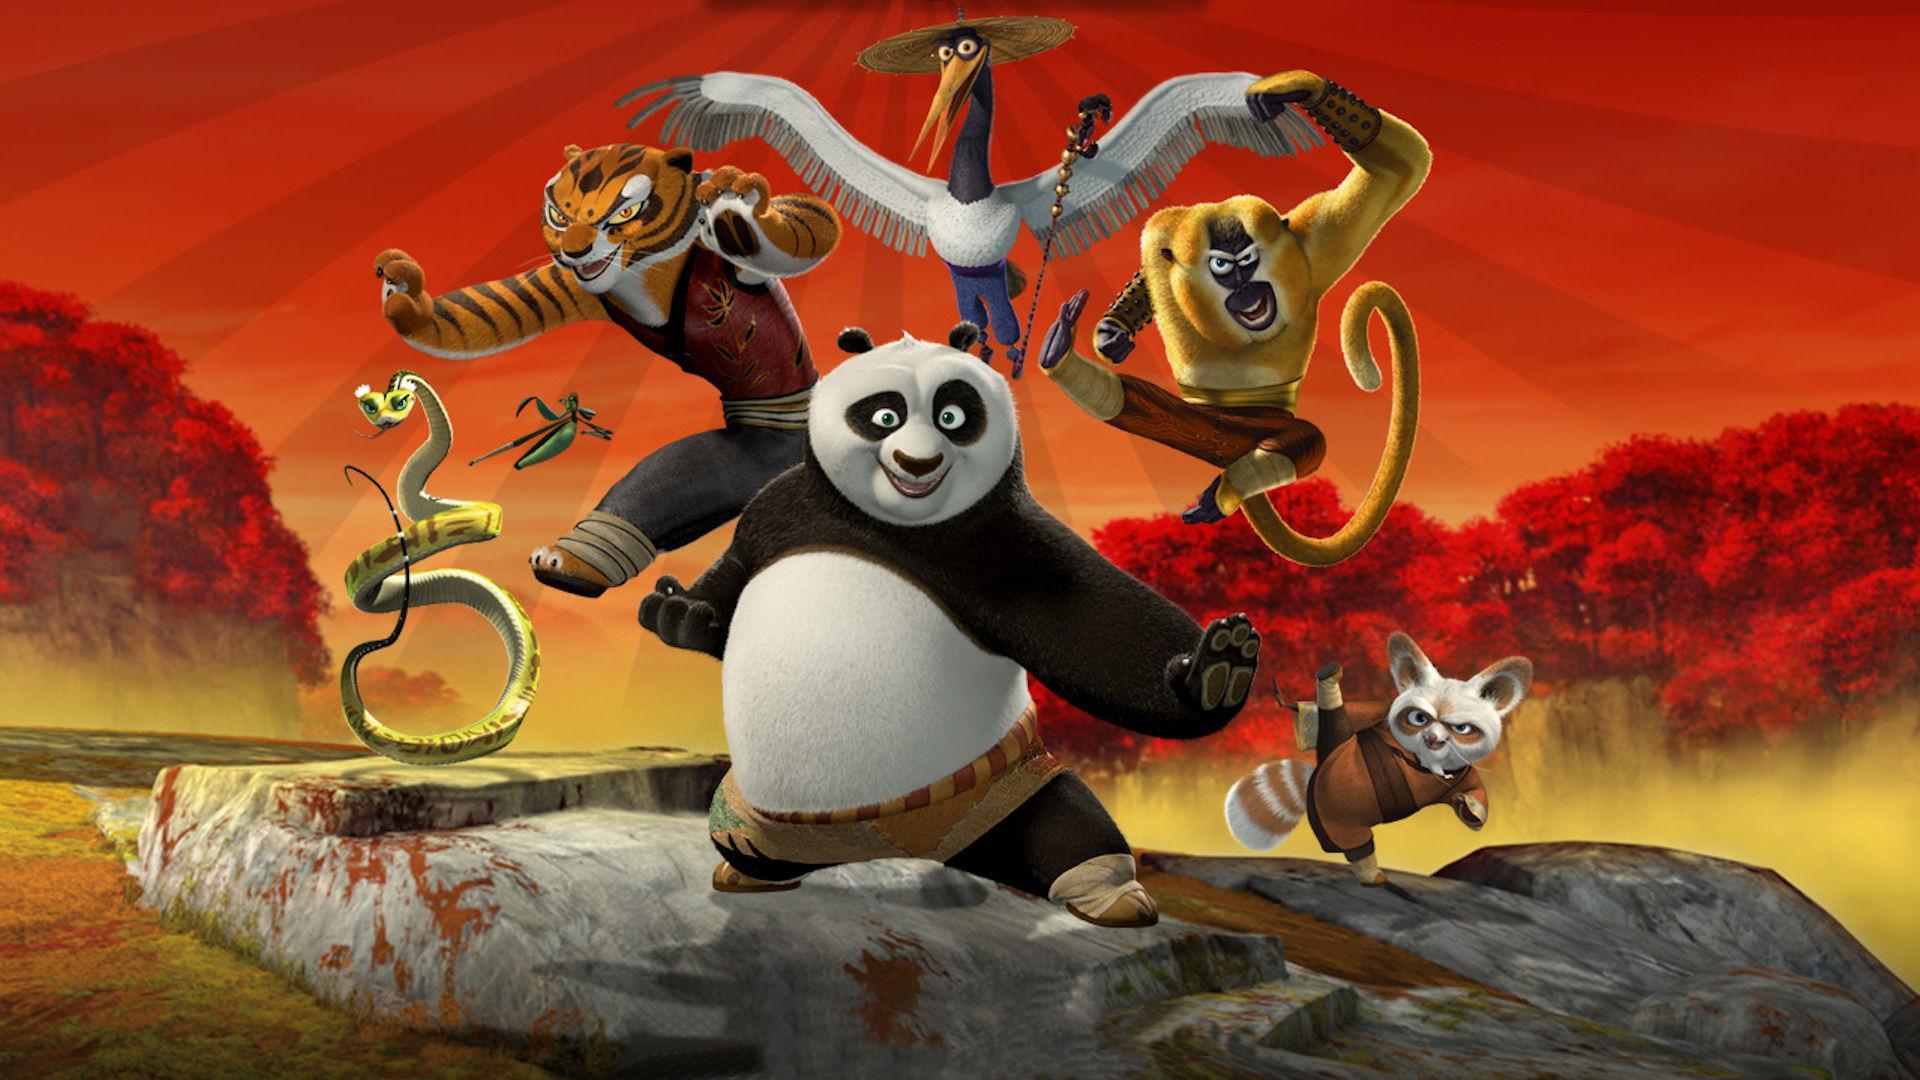 1023126-kung-fu-panda-3-.